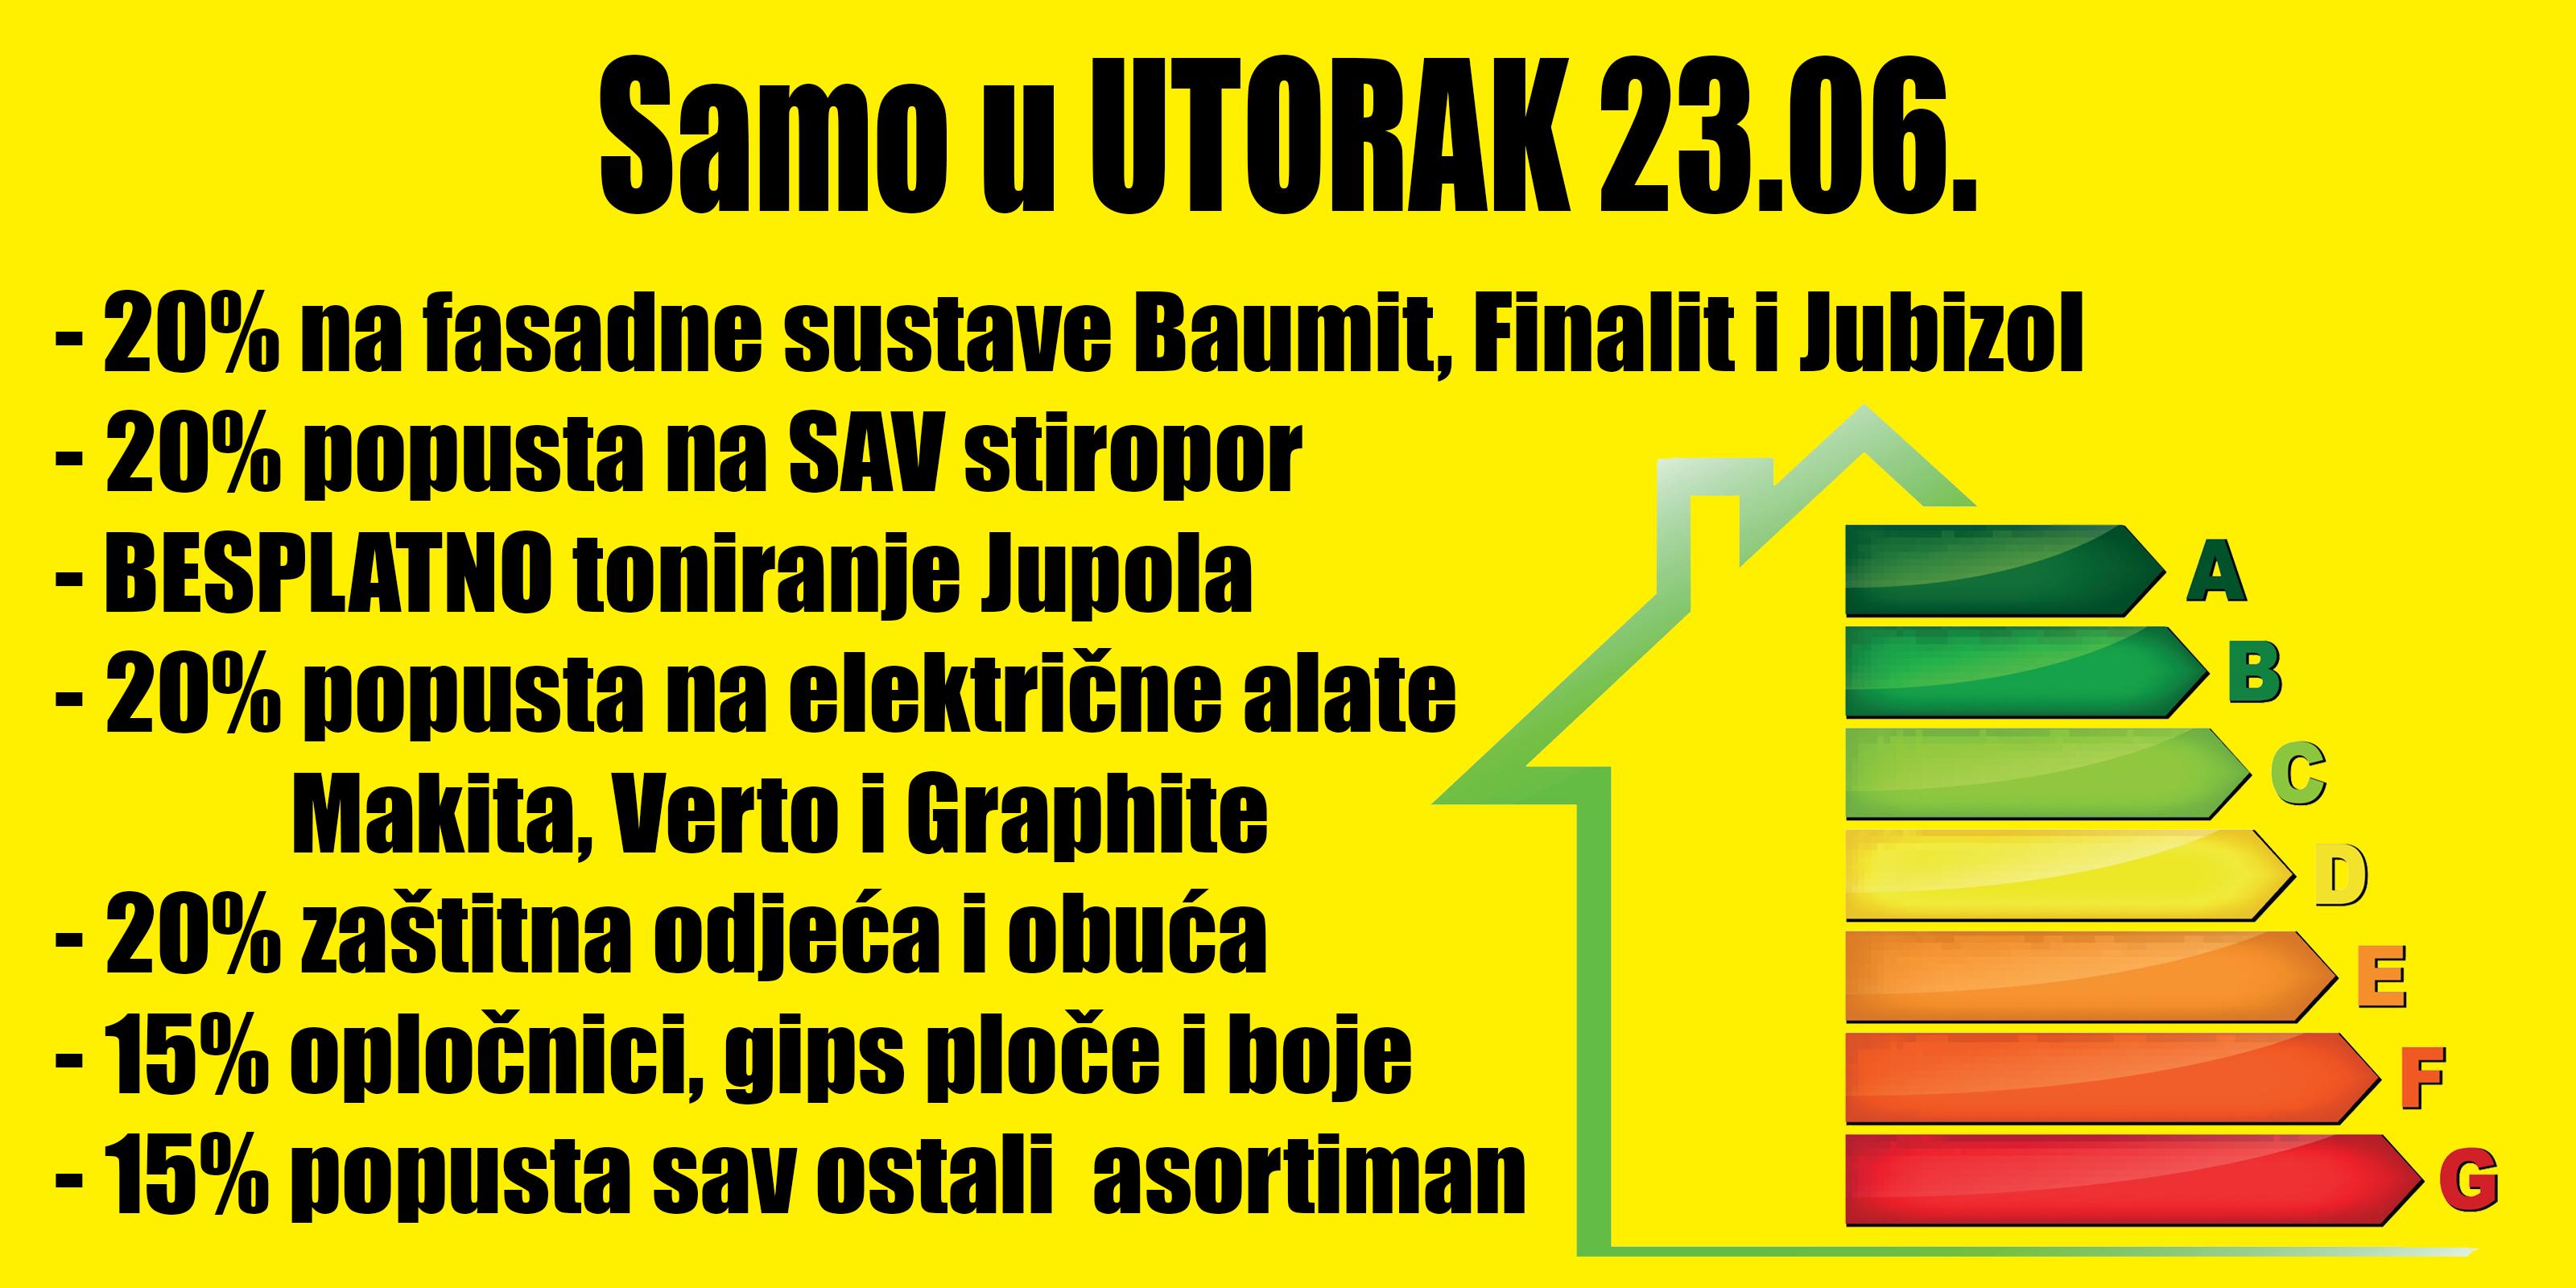 UTORAK 2306